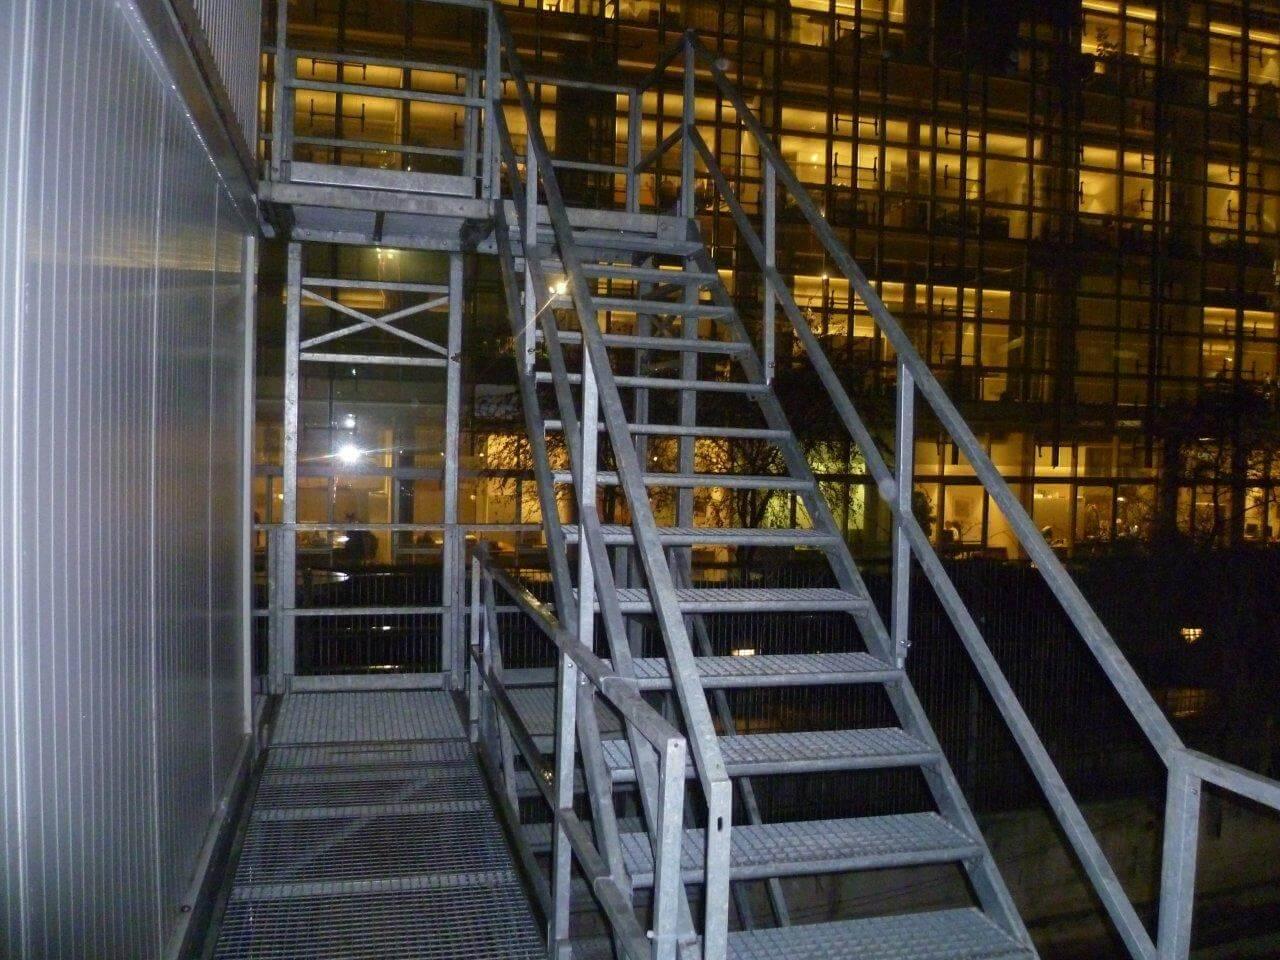 treppencontainer-muenchen-baucontainer-bild-treppe